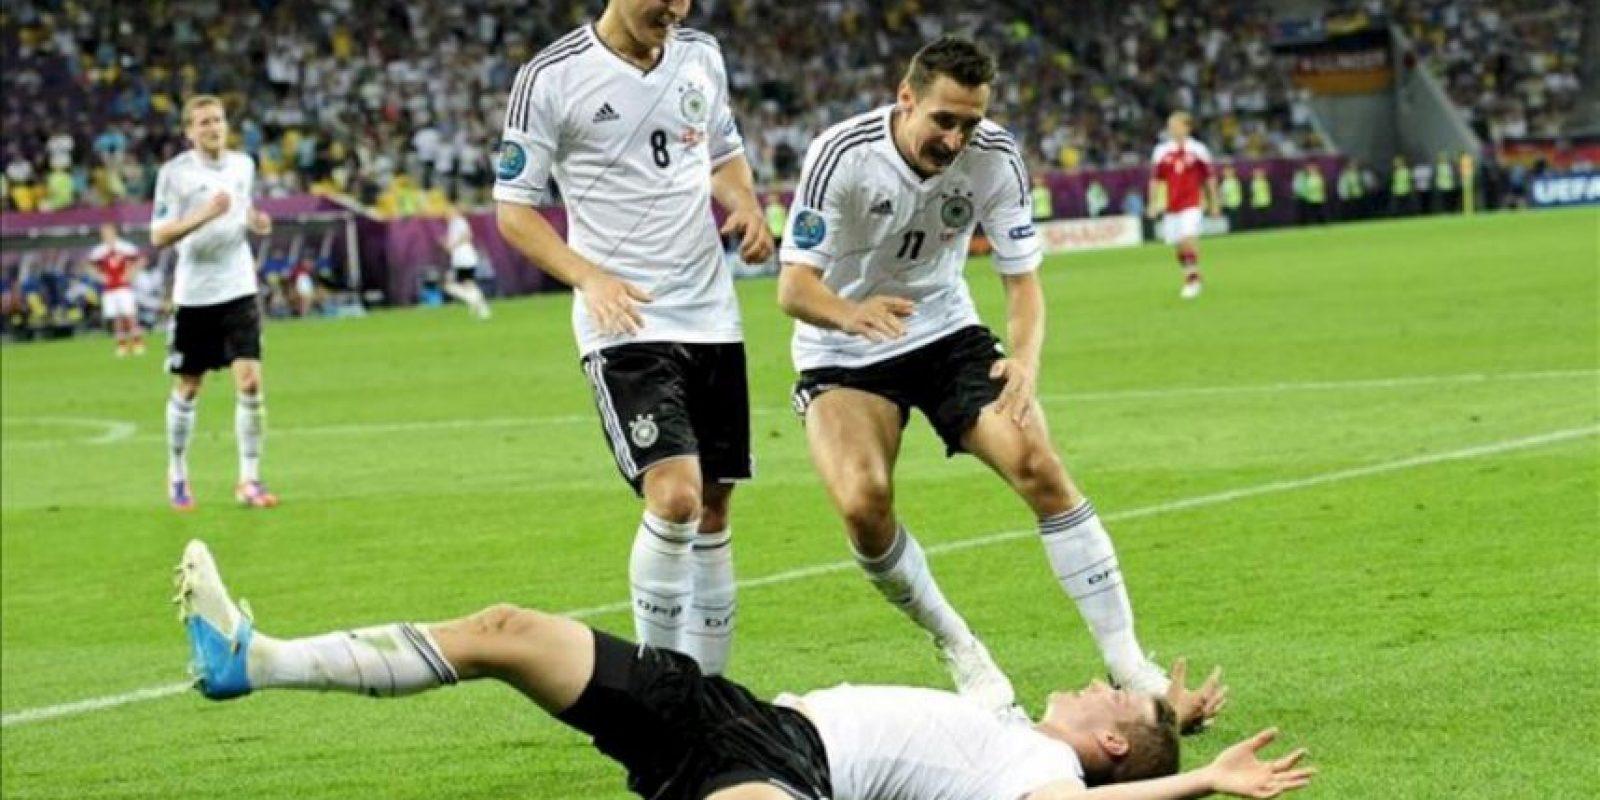 El jugador alemán Lars Bender (abajo) celebra con sus compañeros Mesut Oezil (i) y Miroslav Klose después de anotar contra Dinamarca durante el partido que les enfrentó por el grupo B de la Eurocopa 2012 en Lviv, Ucrania. EFE/GEORGI LICOVSKI